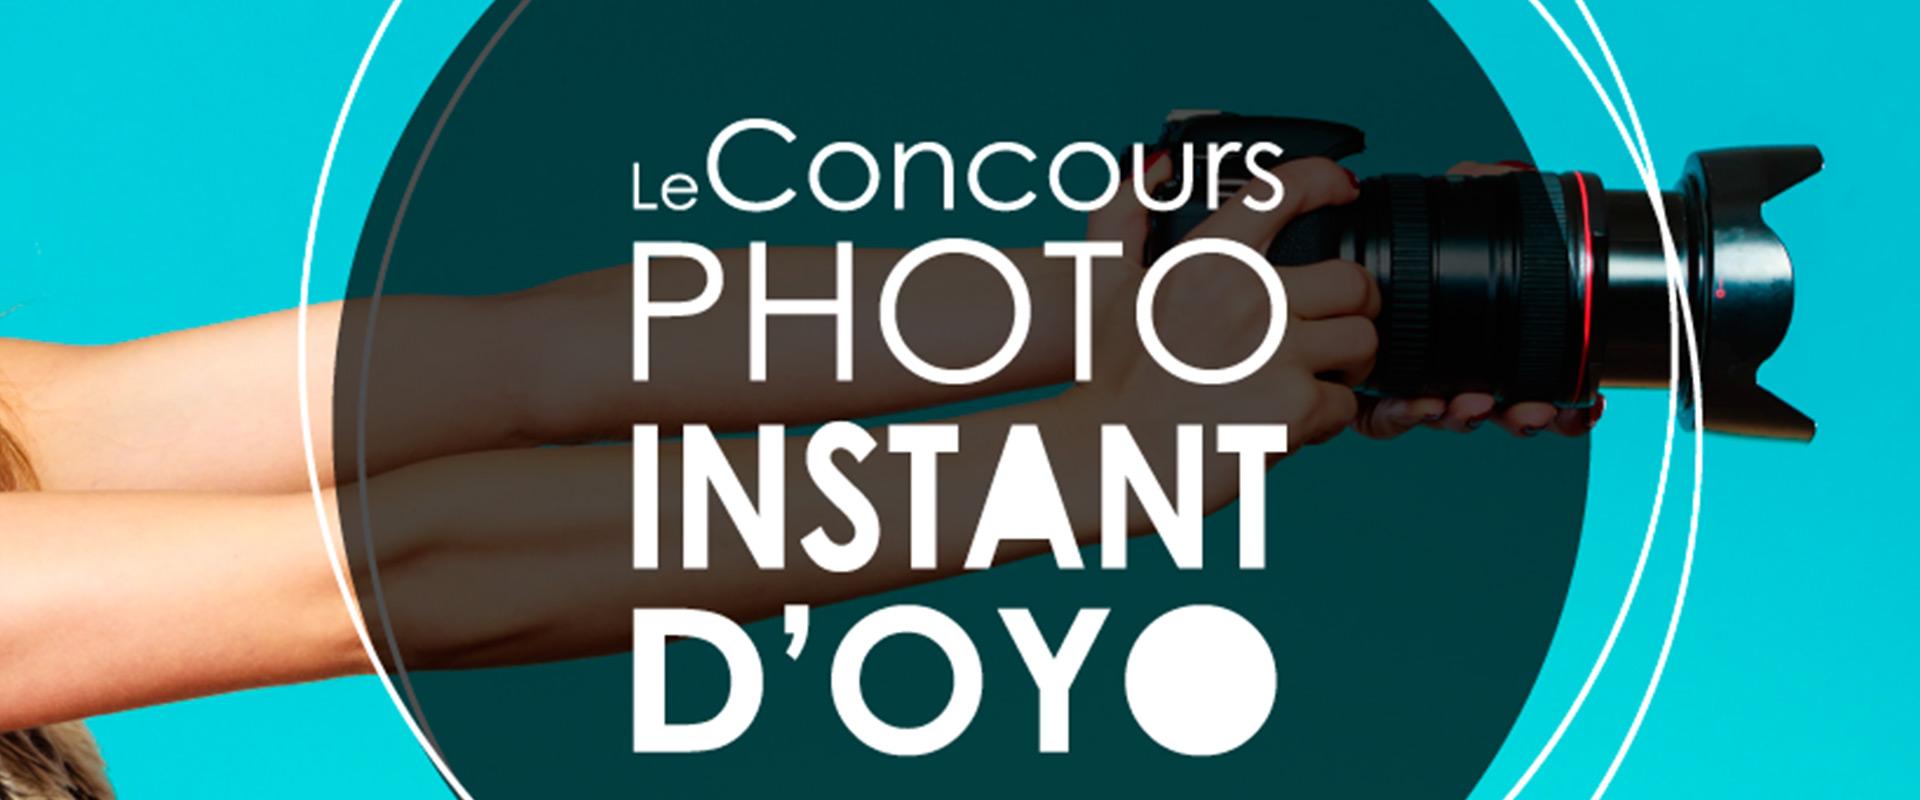 Concours photo instant d'Oyo - Graines de l'Ain